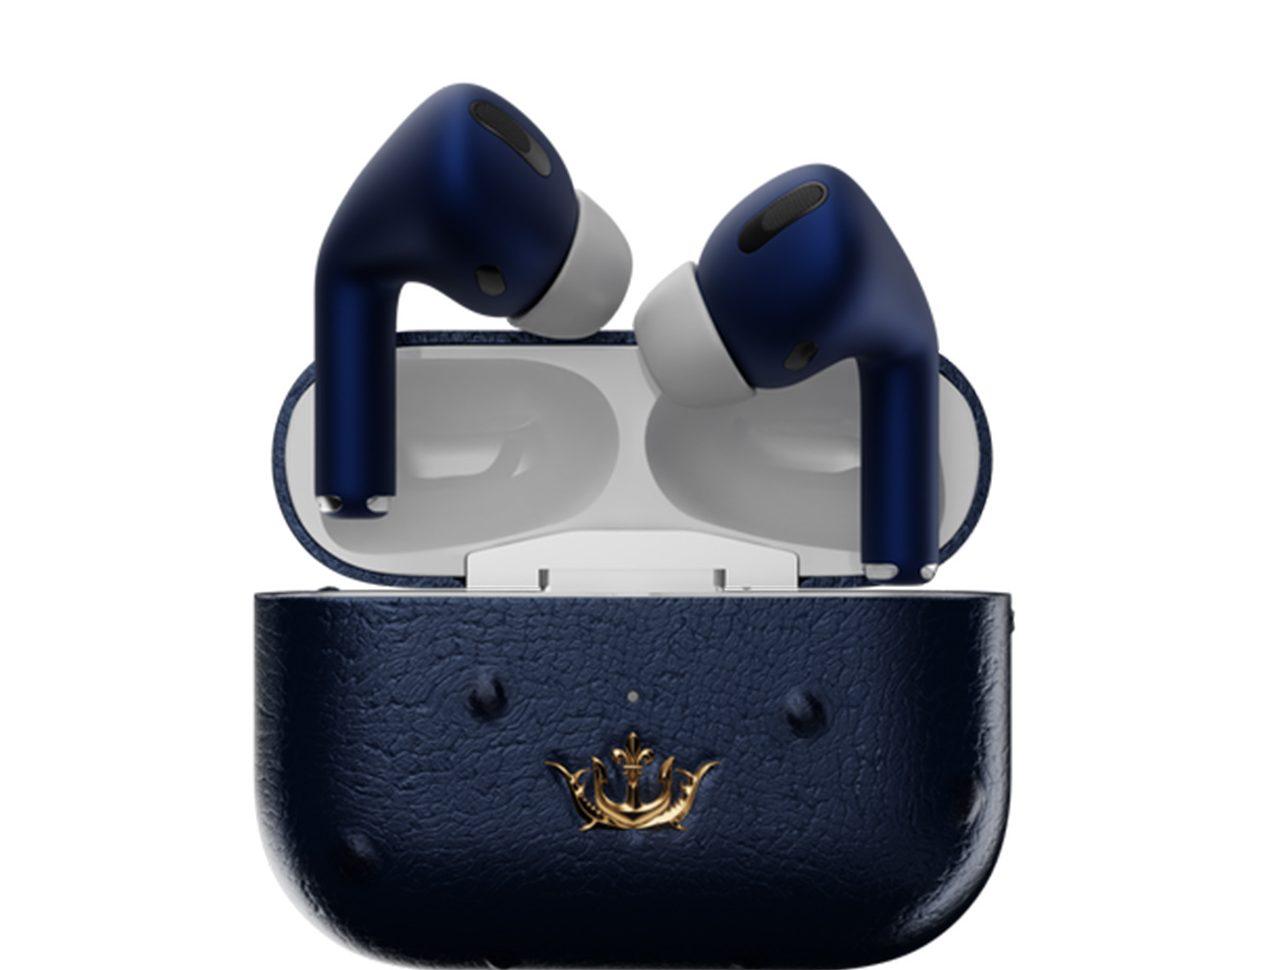 Los auriculares más deseados por su calidad de audio y diseño